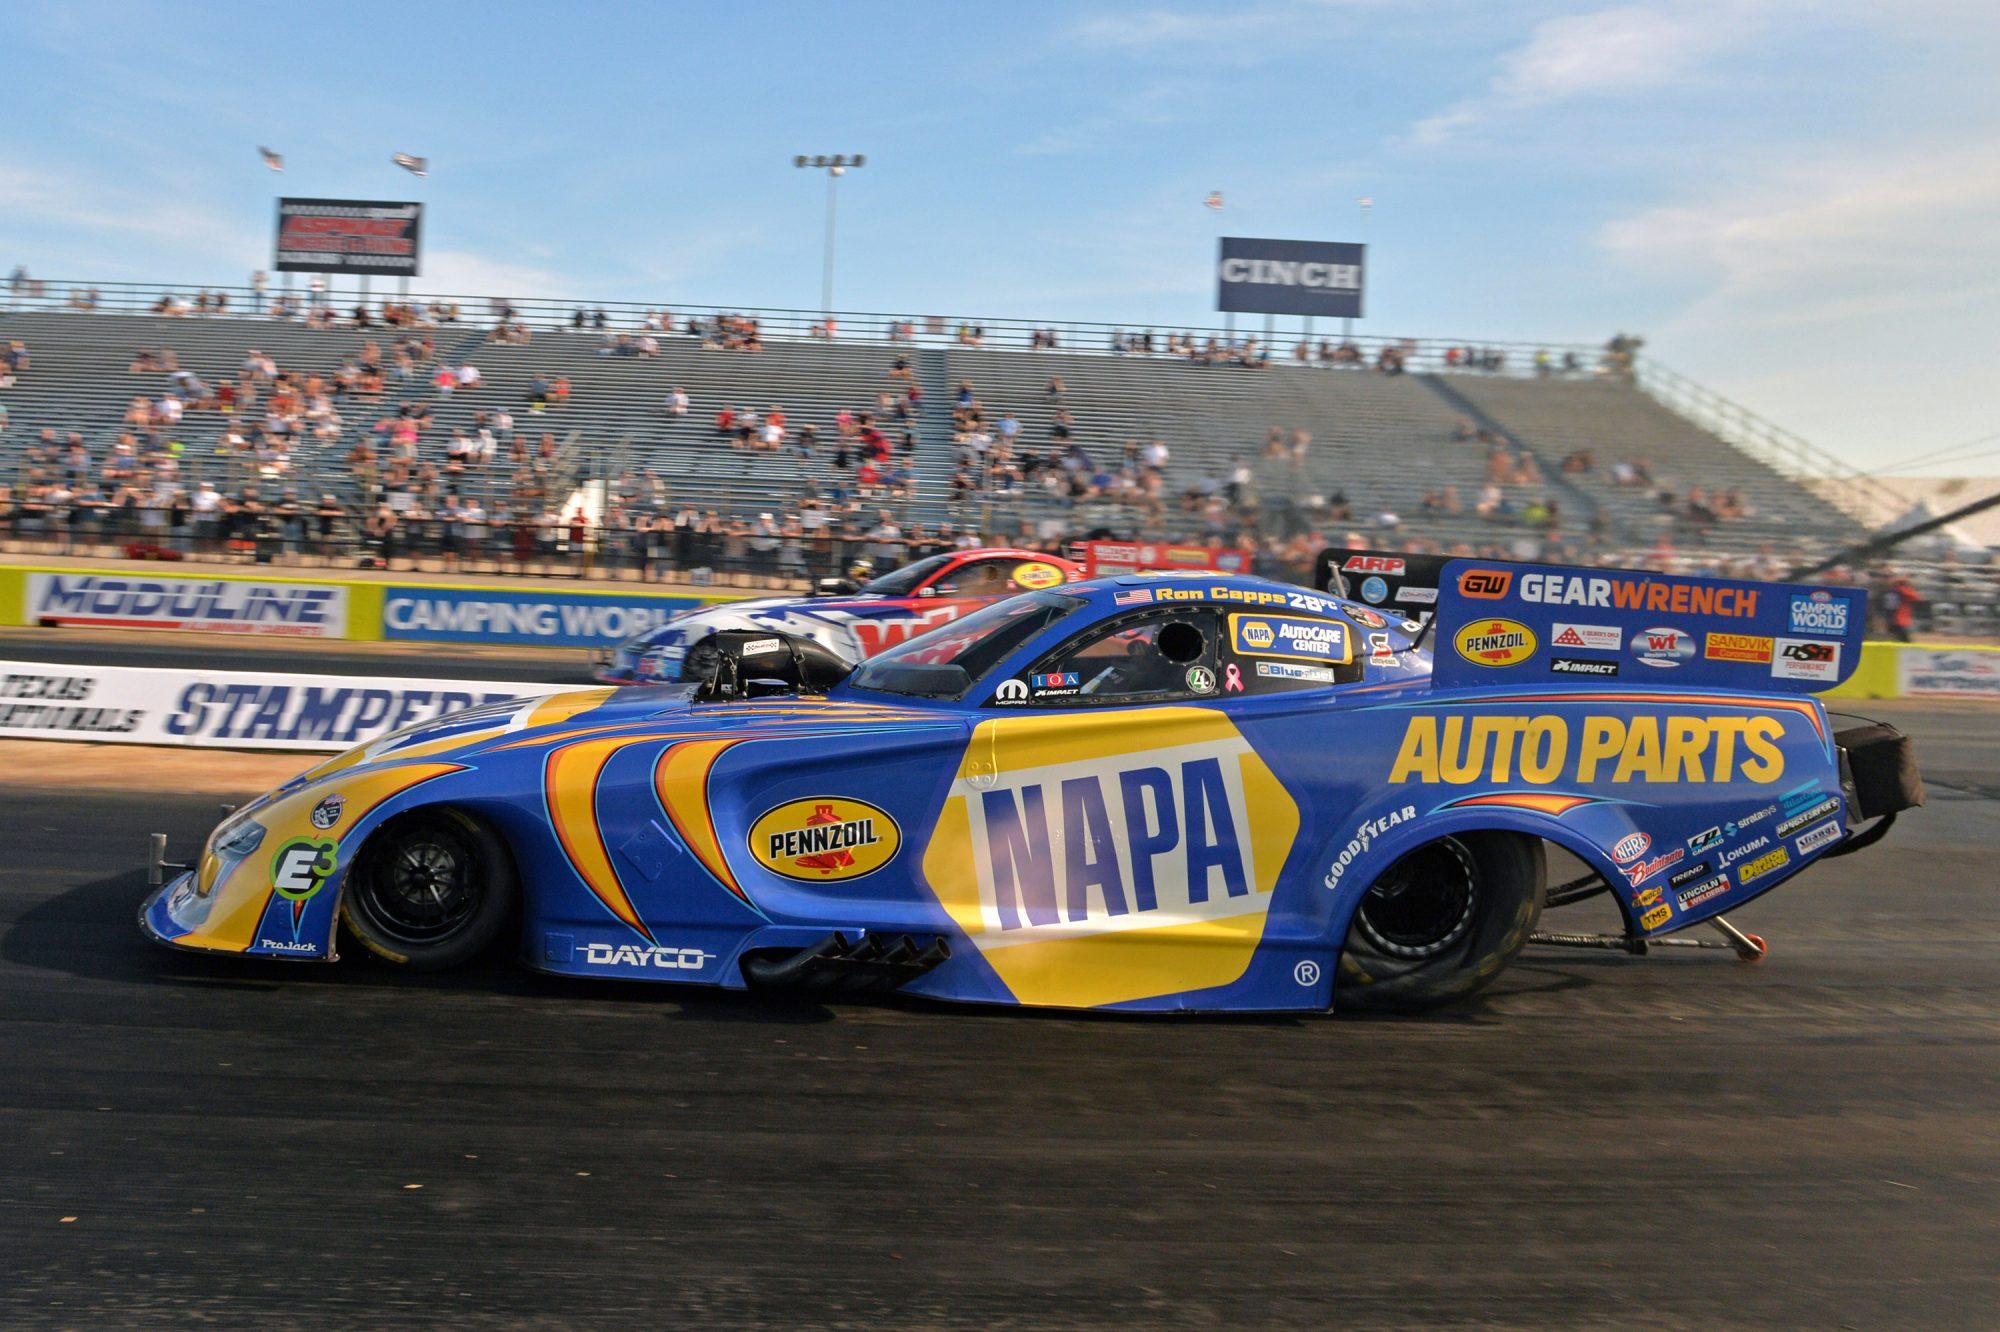 Ron Capps and Matt Hagan drag racing